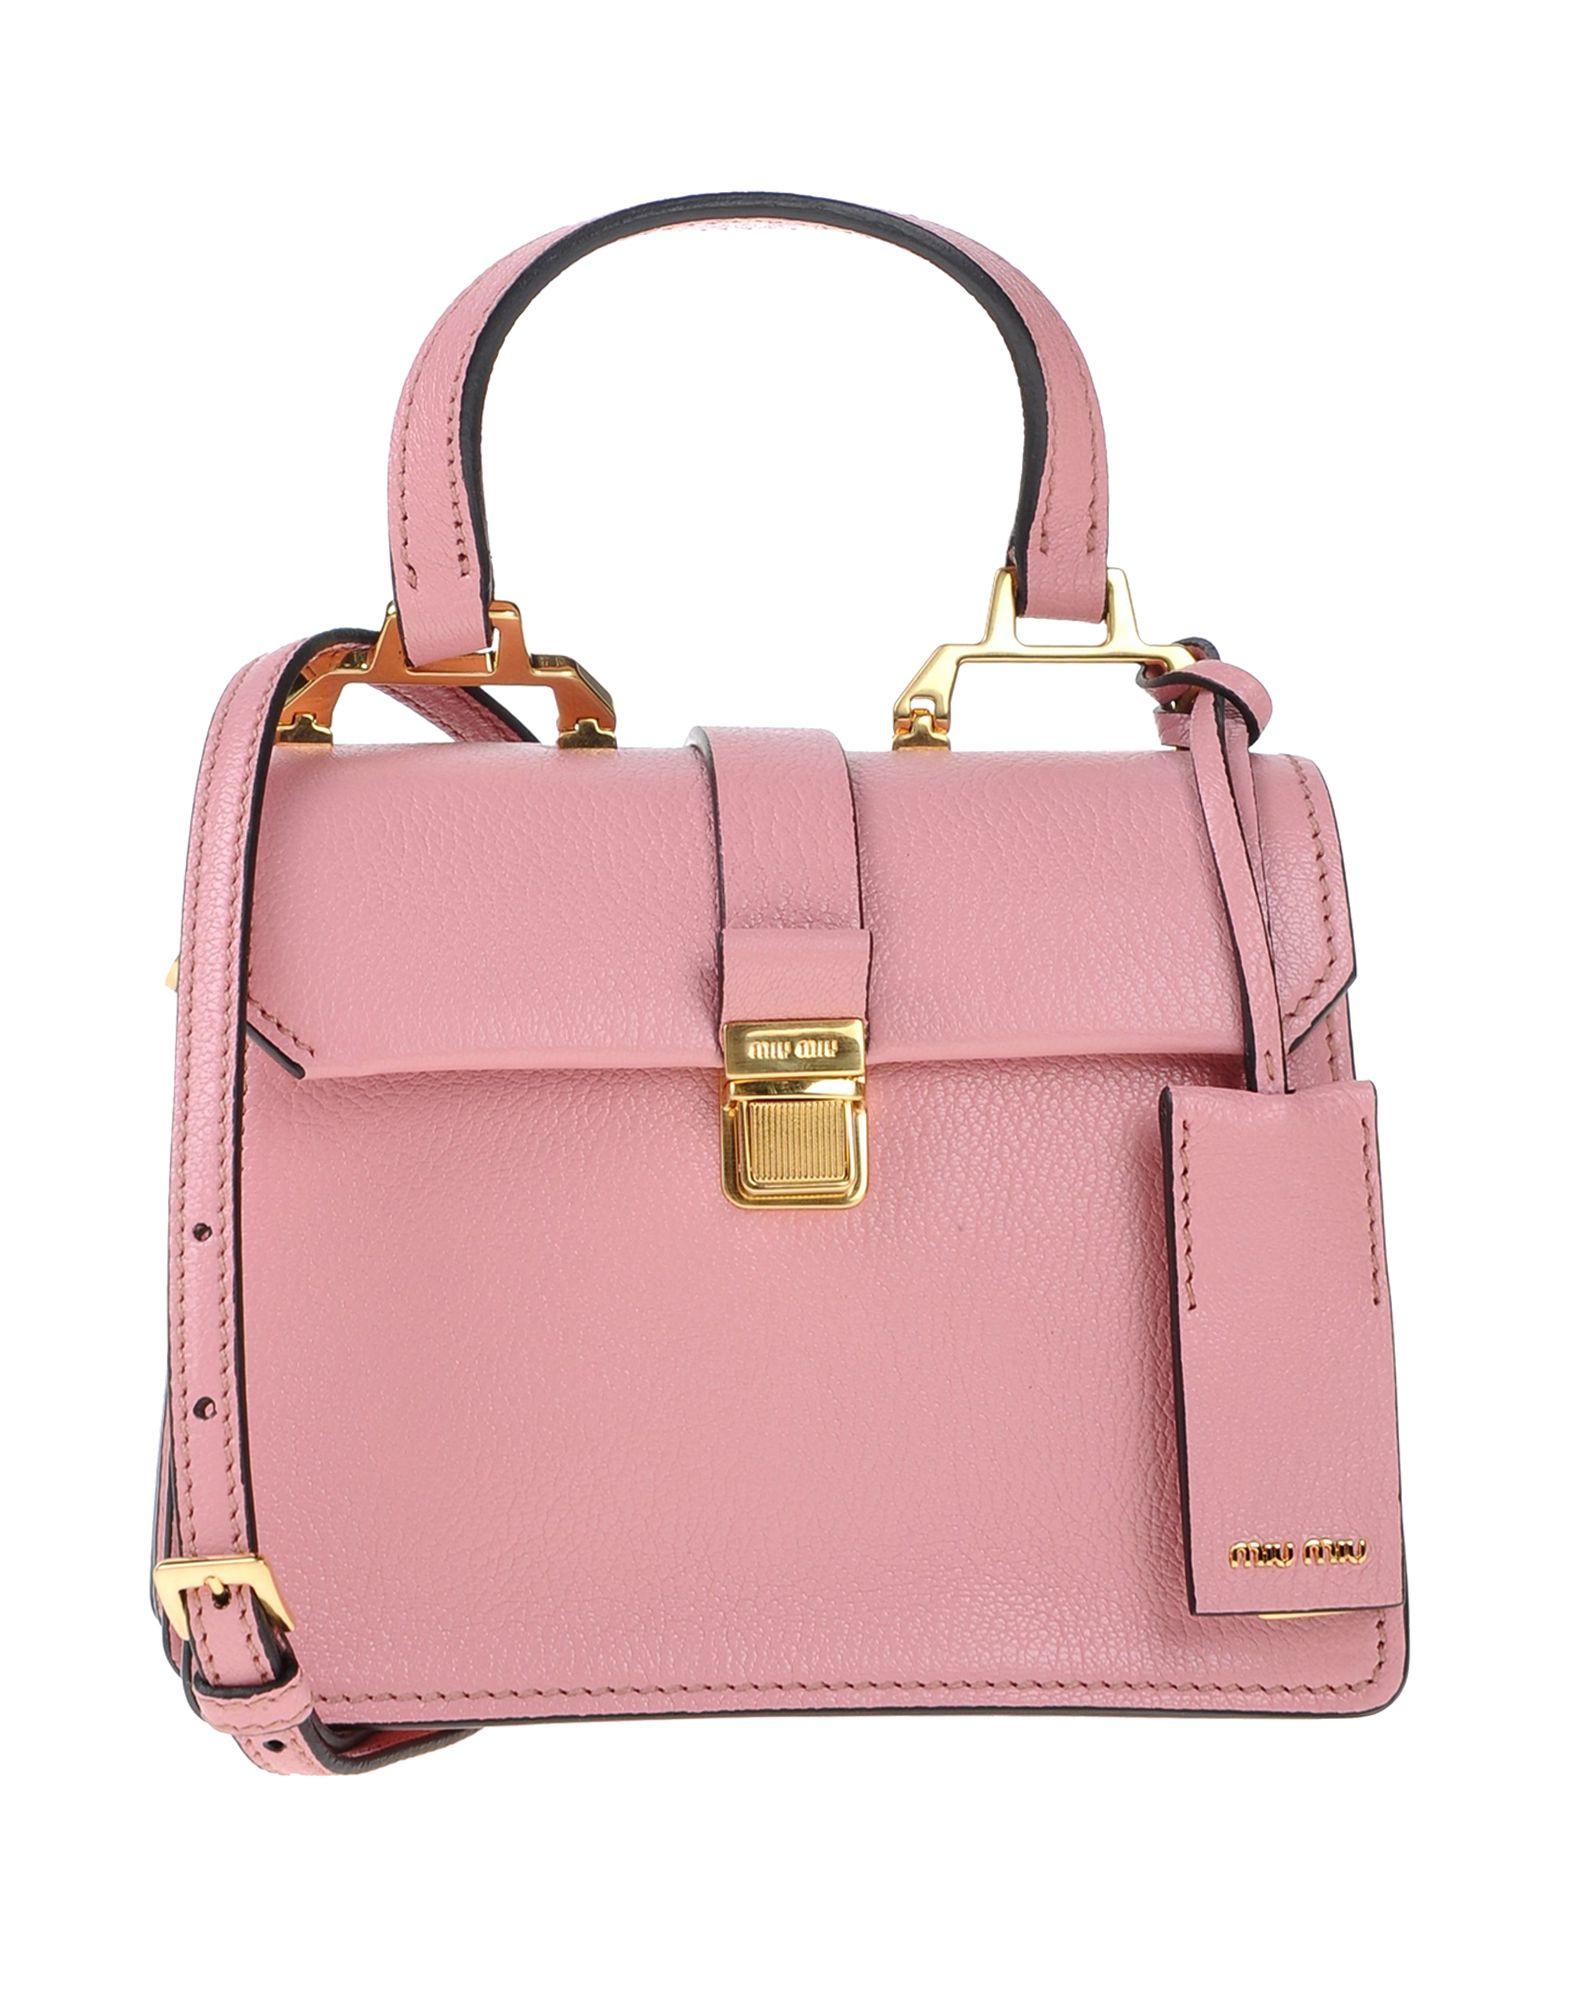 9c1fe6abd113 Miu Miu New Handbags